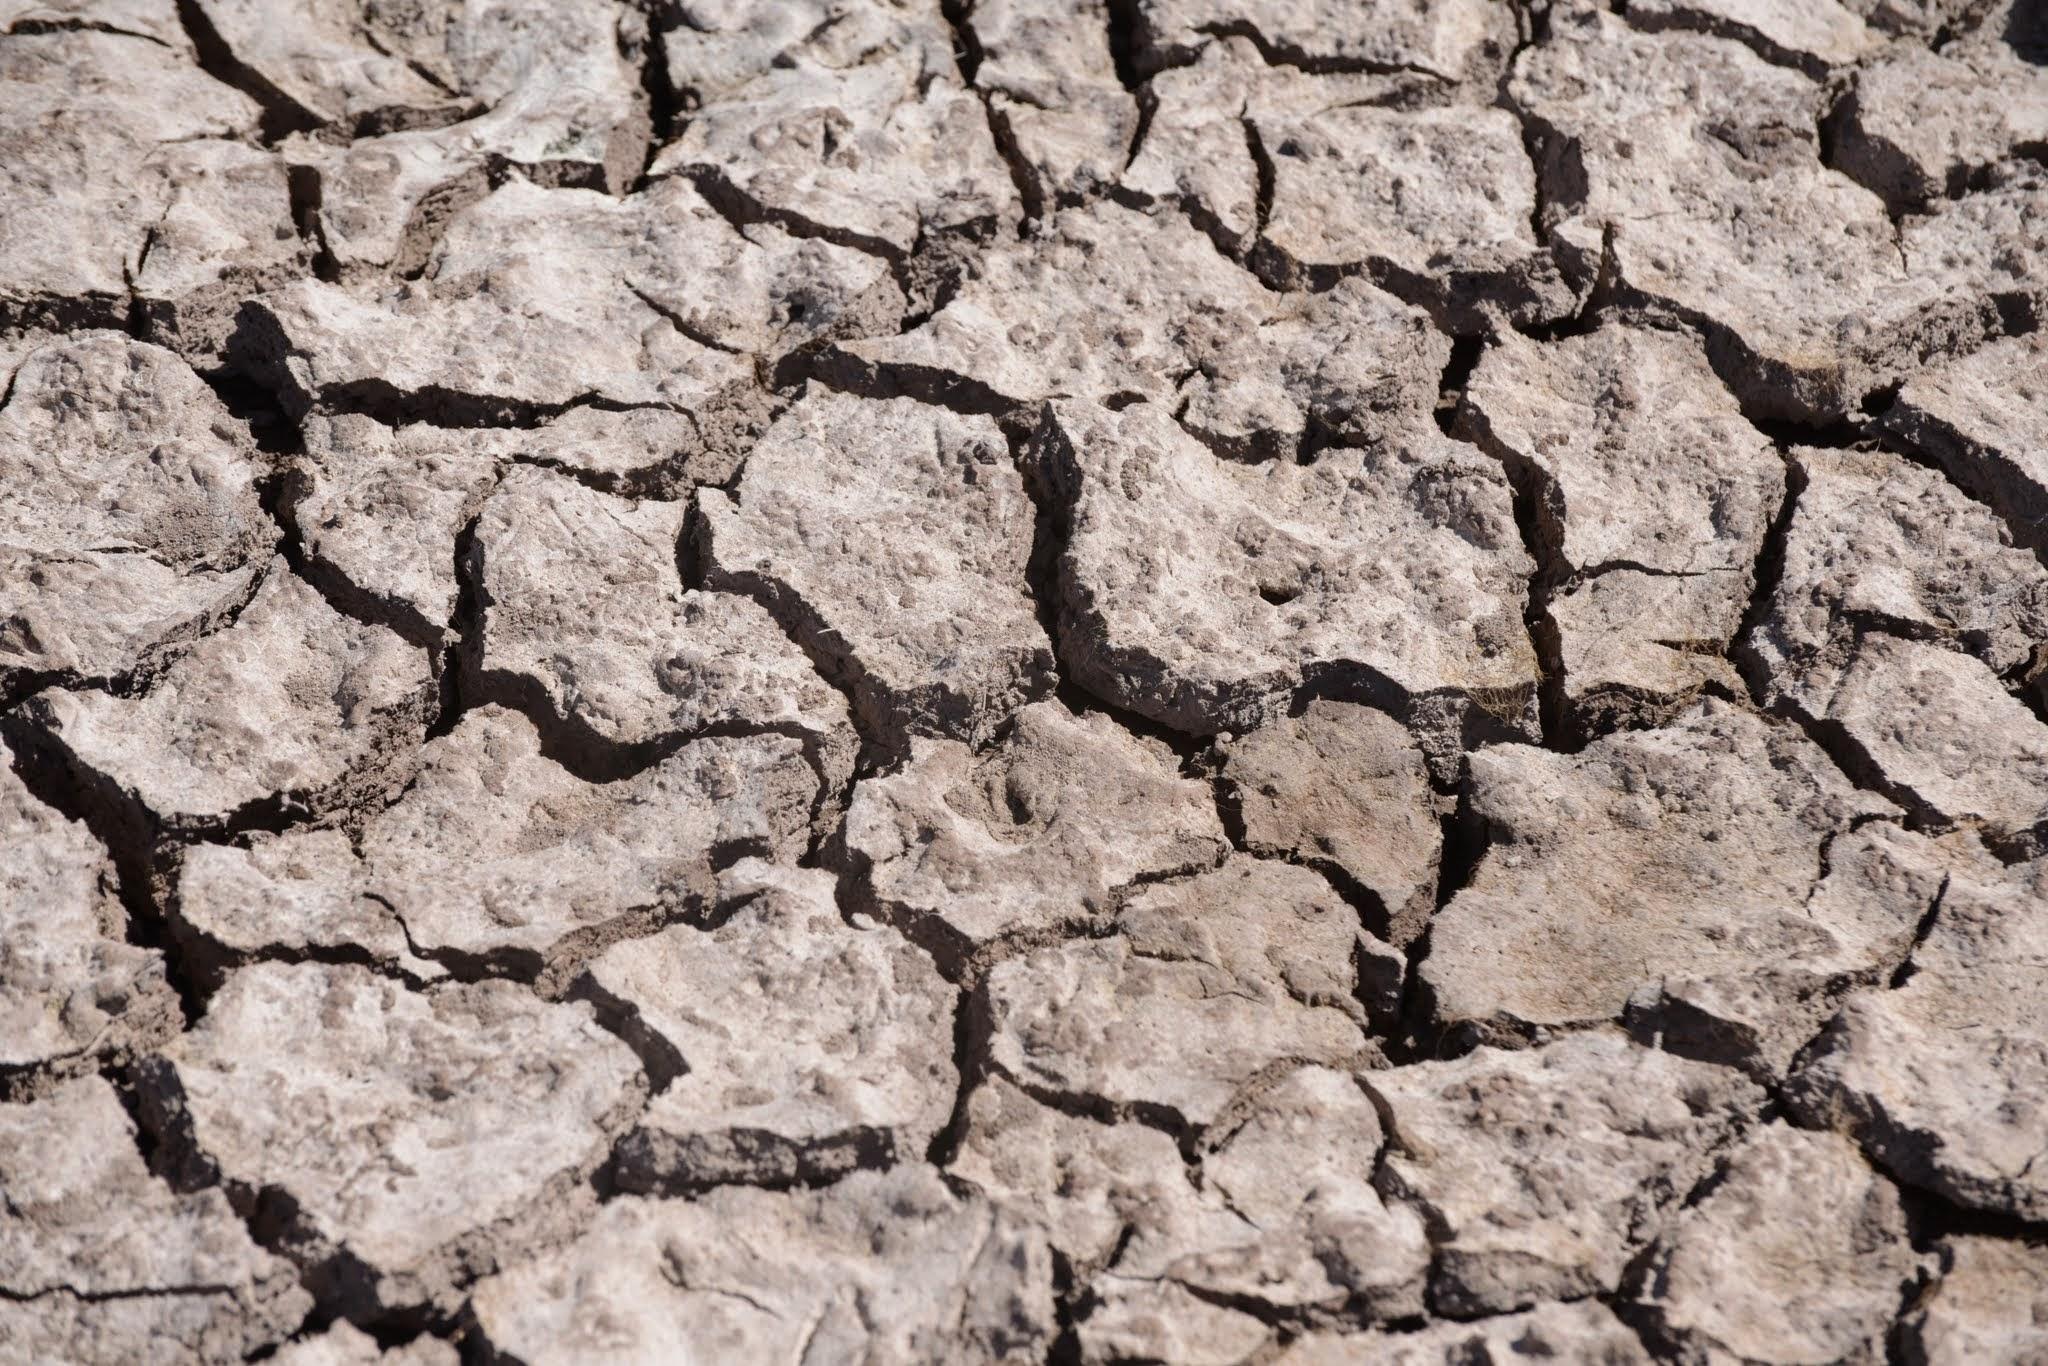 Cambio climático: alerta roja para la humanidad